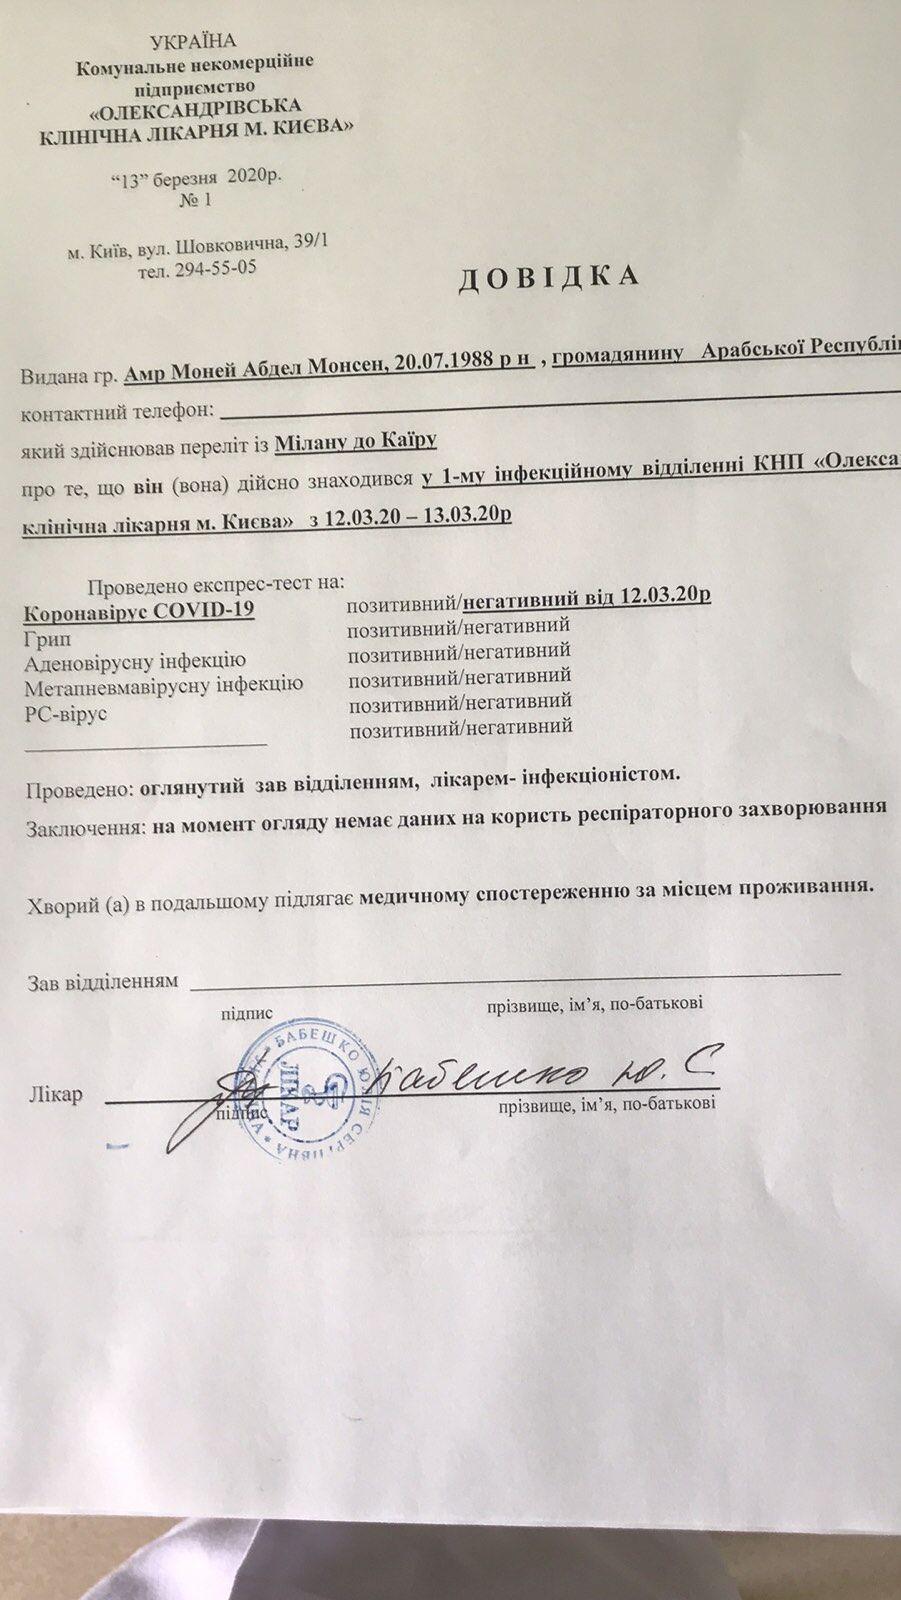 """""""Самолет инфицированных"""" из Милана: развенчиваем ложь"""